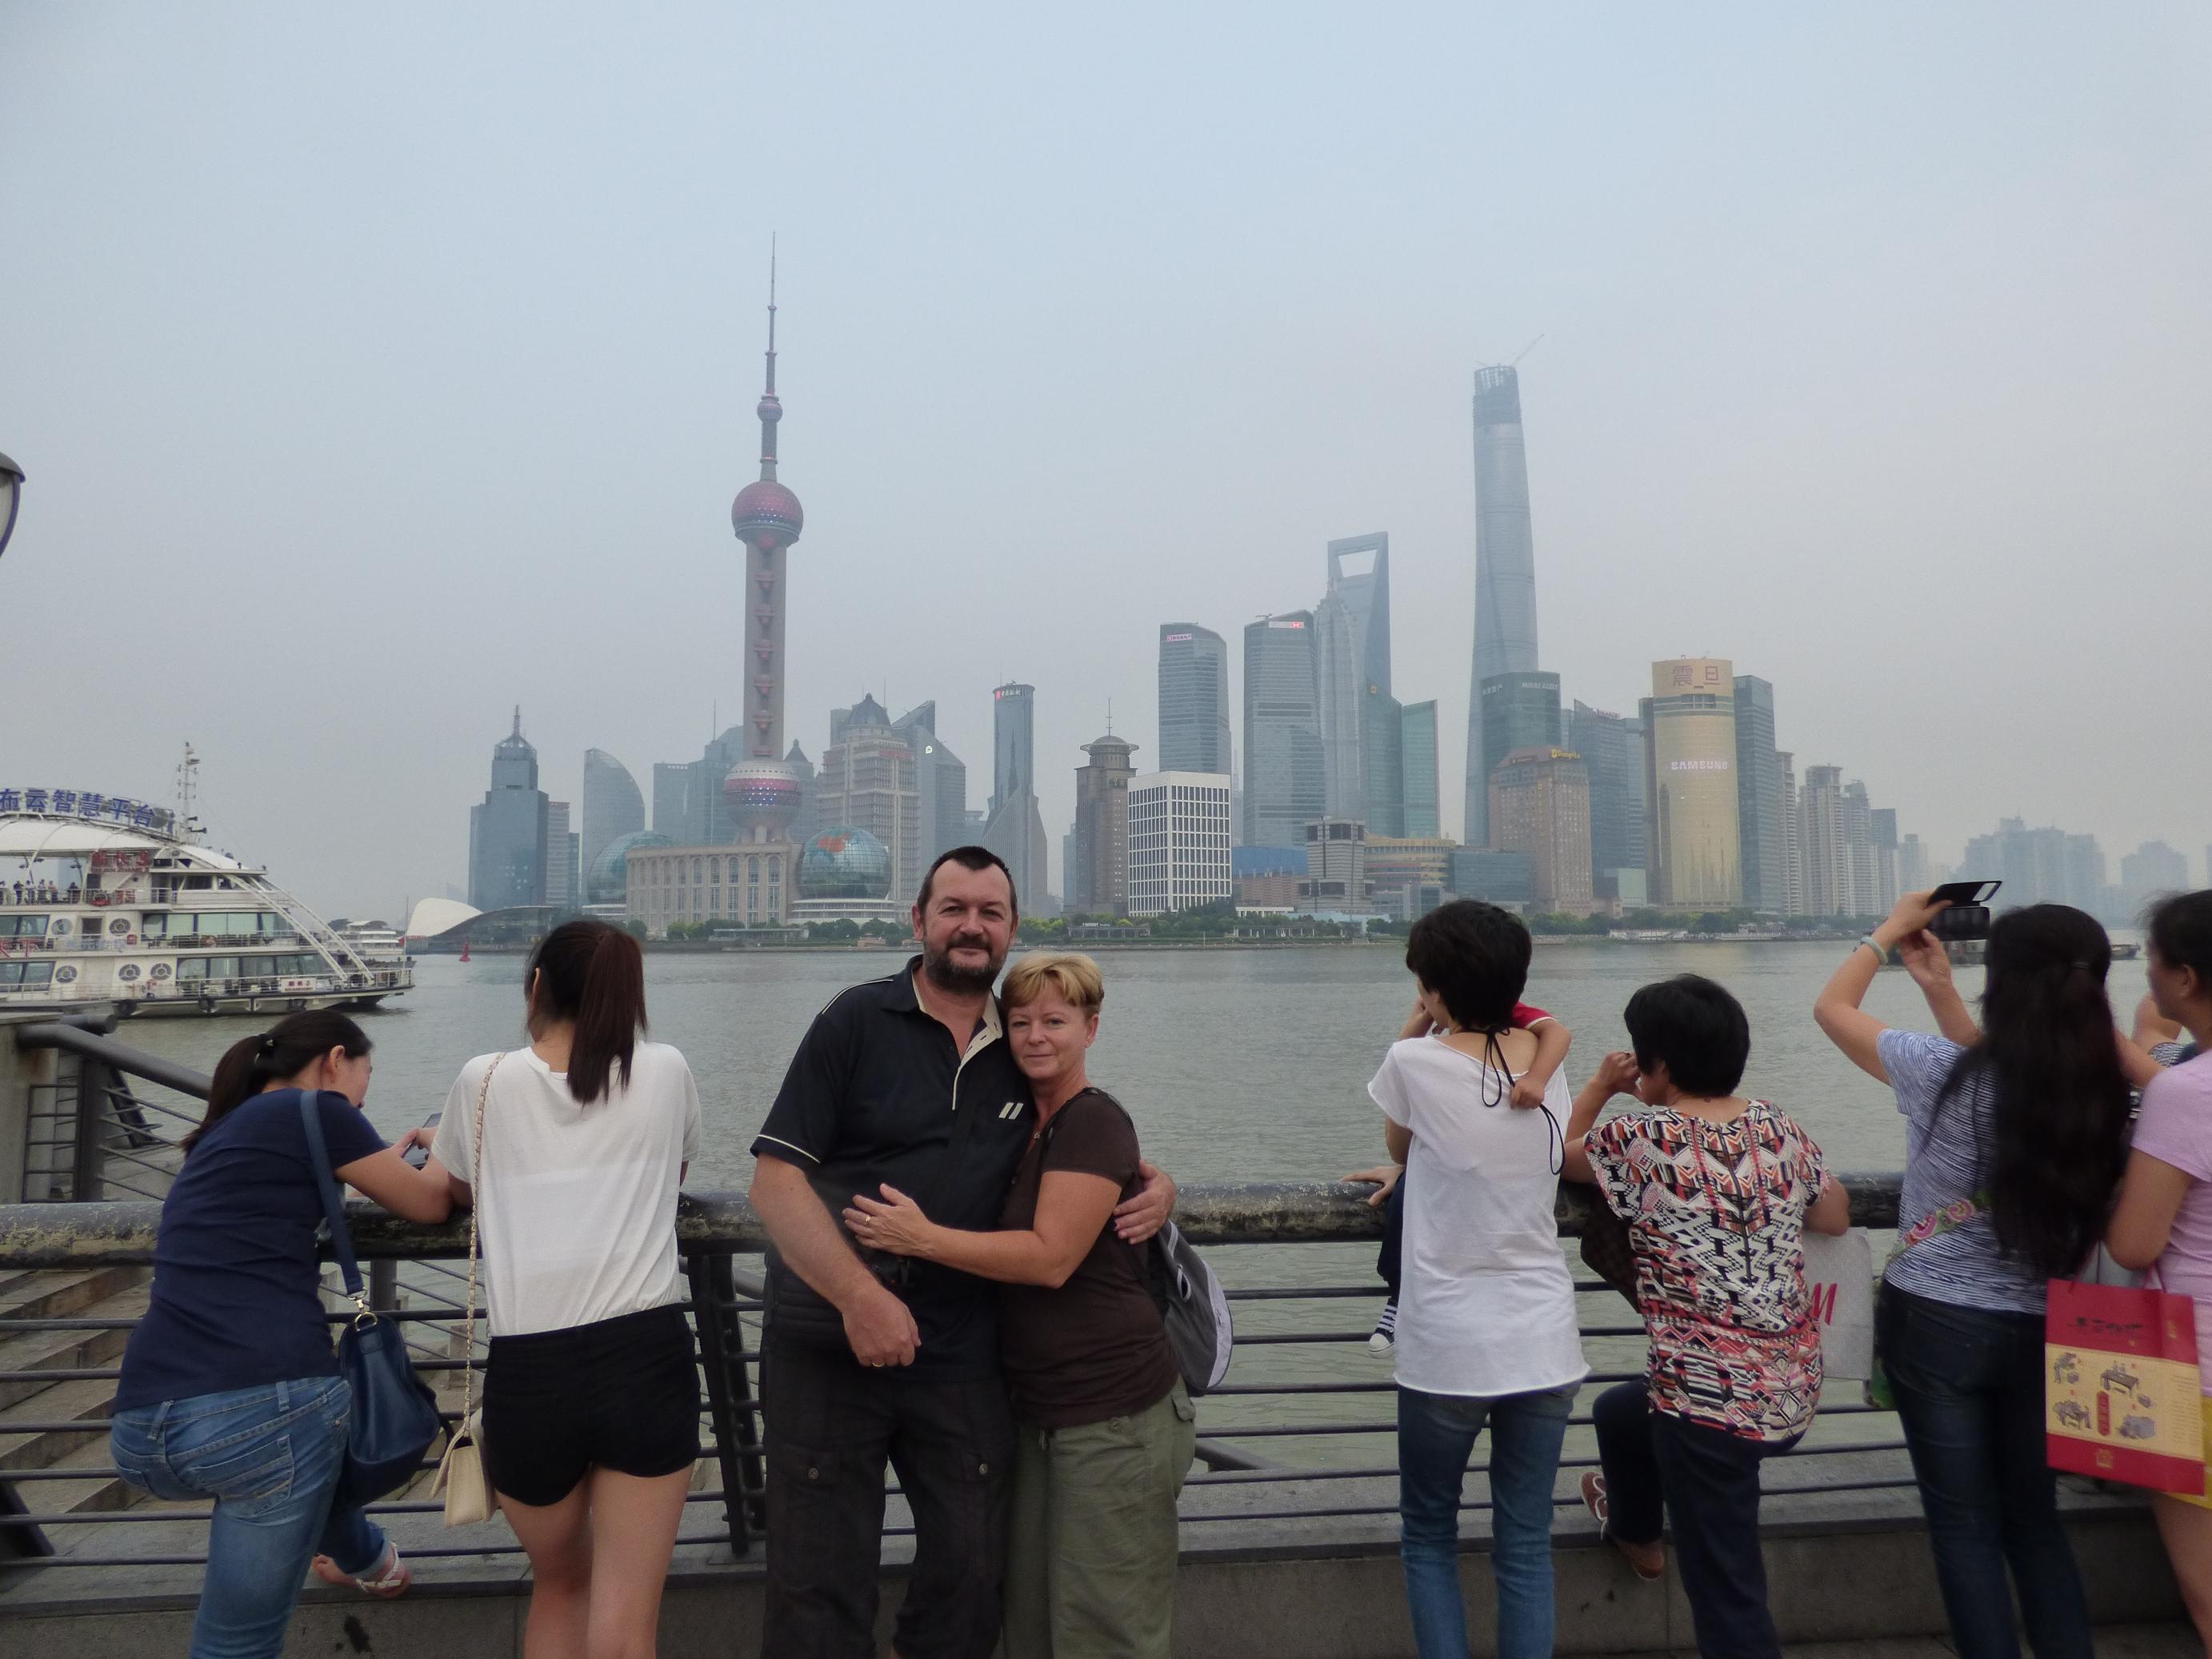 f86038db98 ... hogy Európa vagy az USA bármely helyén lehetne, ha nem tudod, hogy  Kínába vagy, akkor ezekről a képekről rá nem jönnél. Érdekes, hogy a város  tele van ...